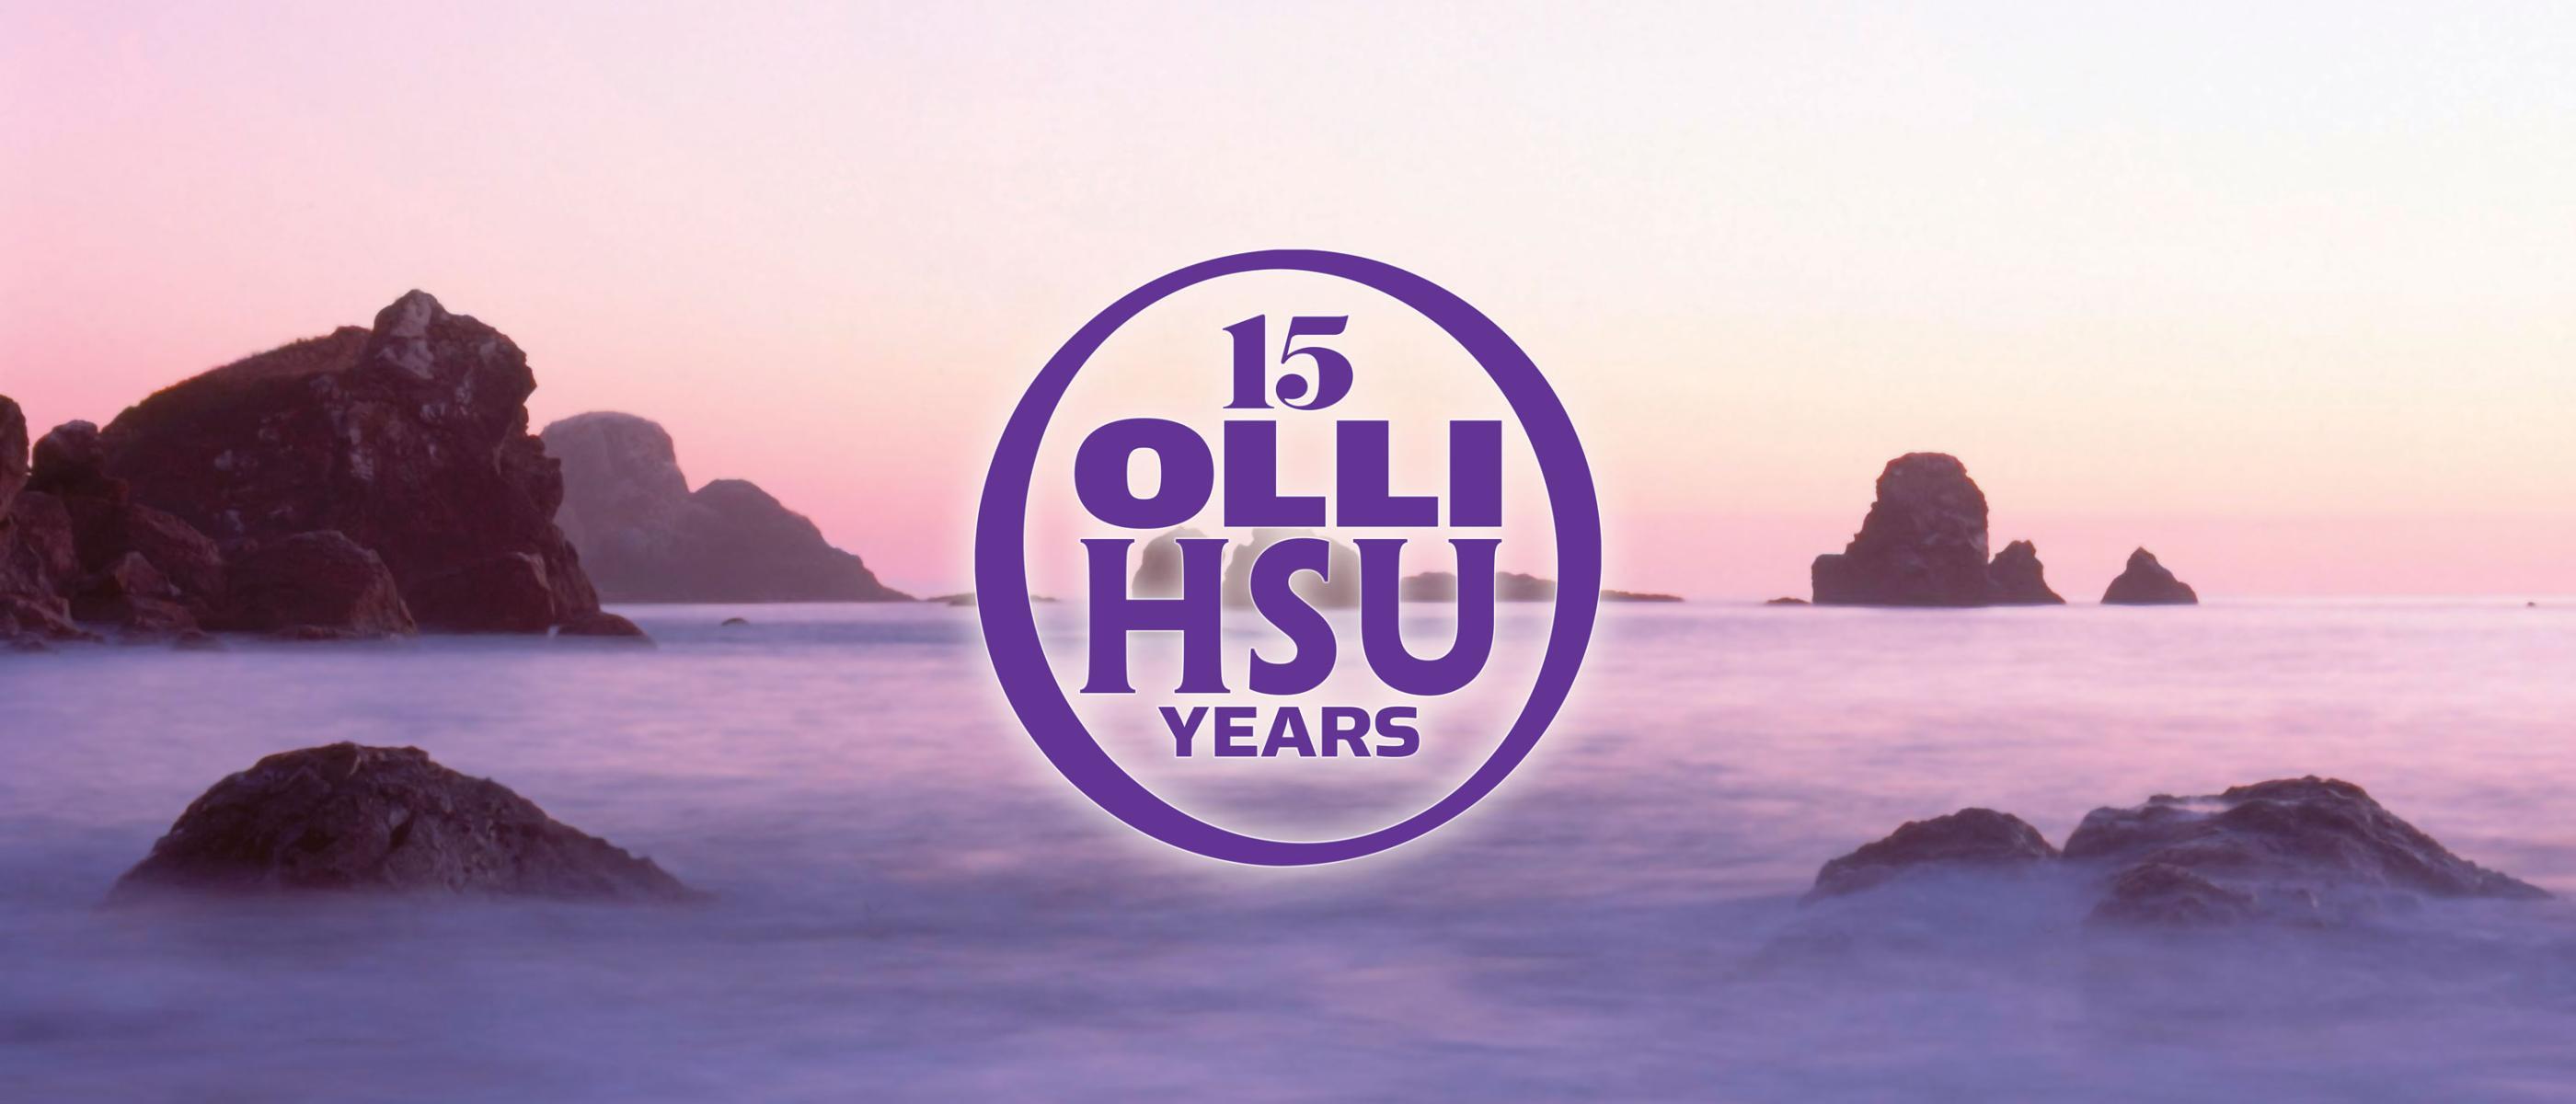 OLLI at HSU - 15 years